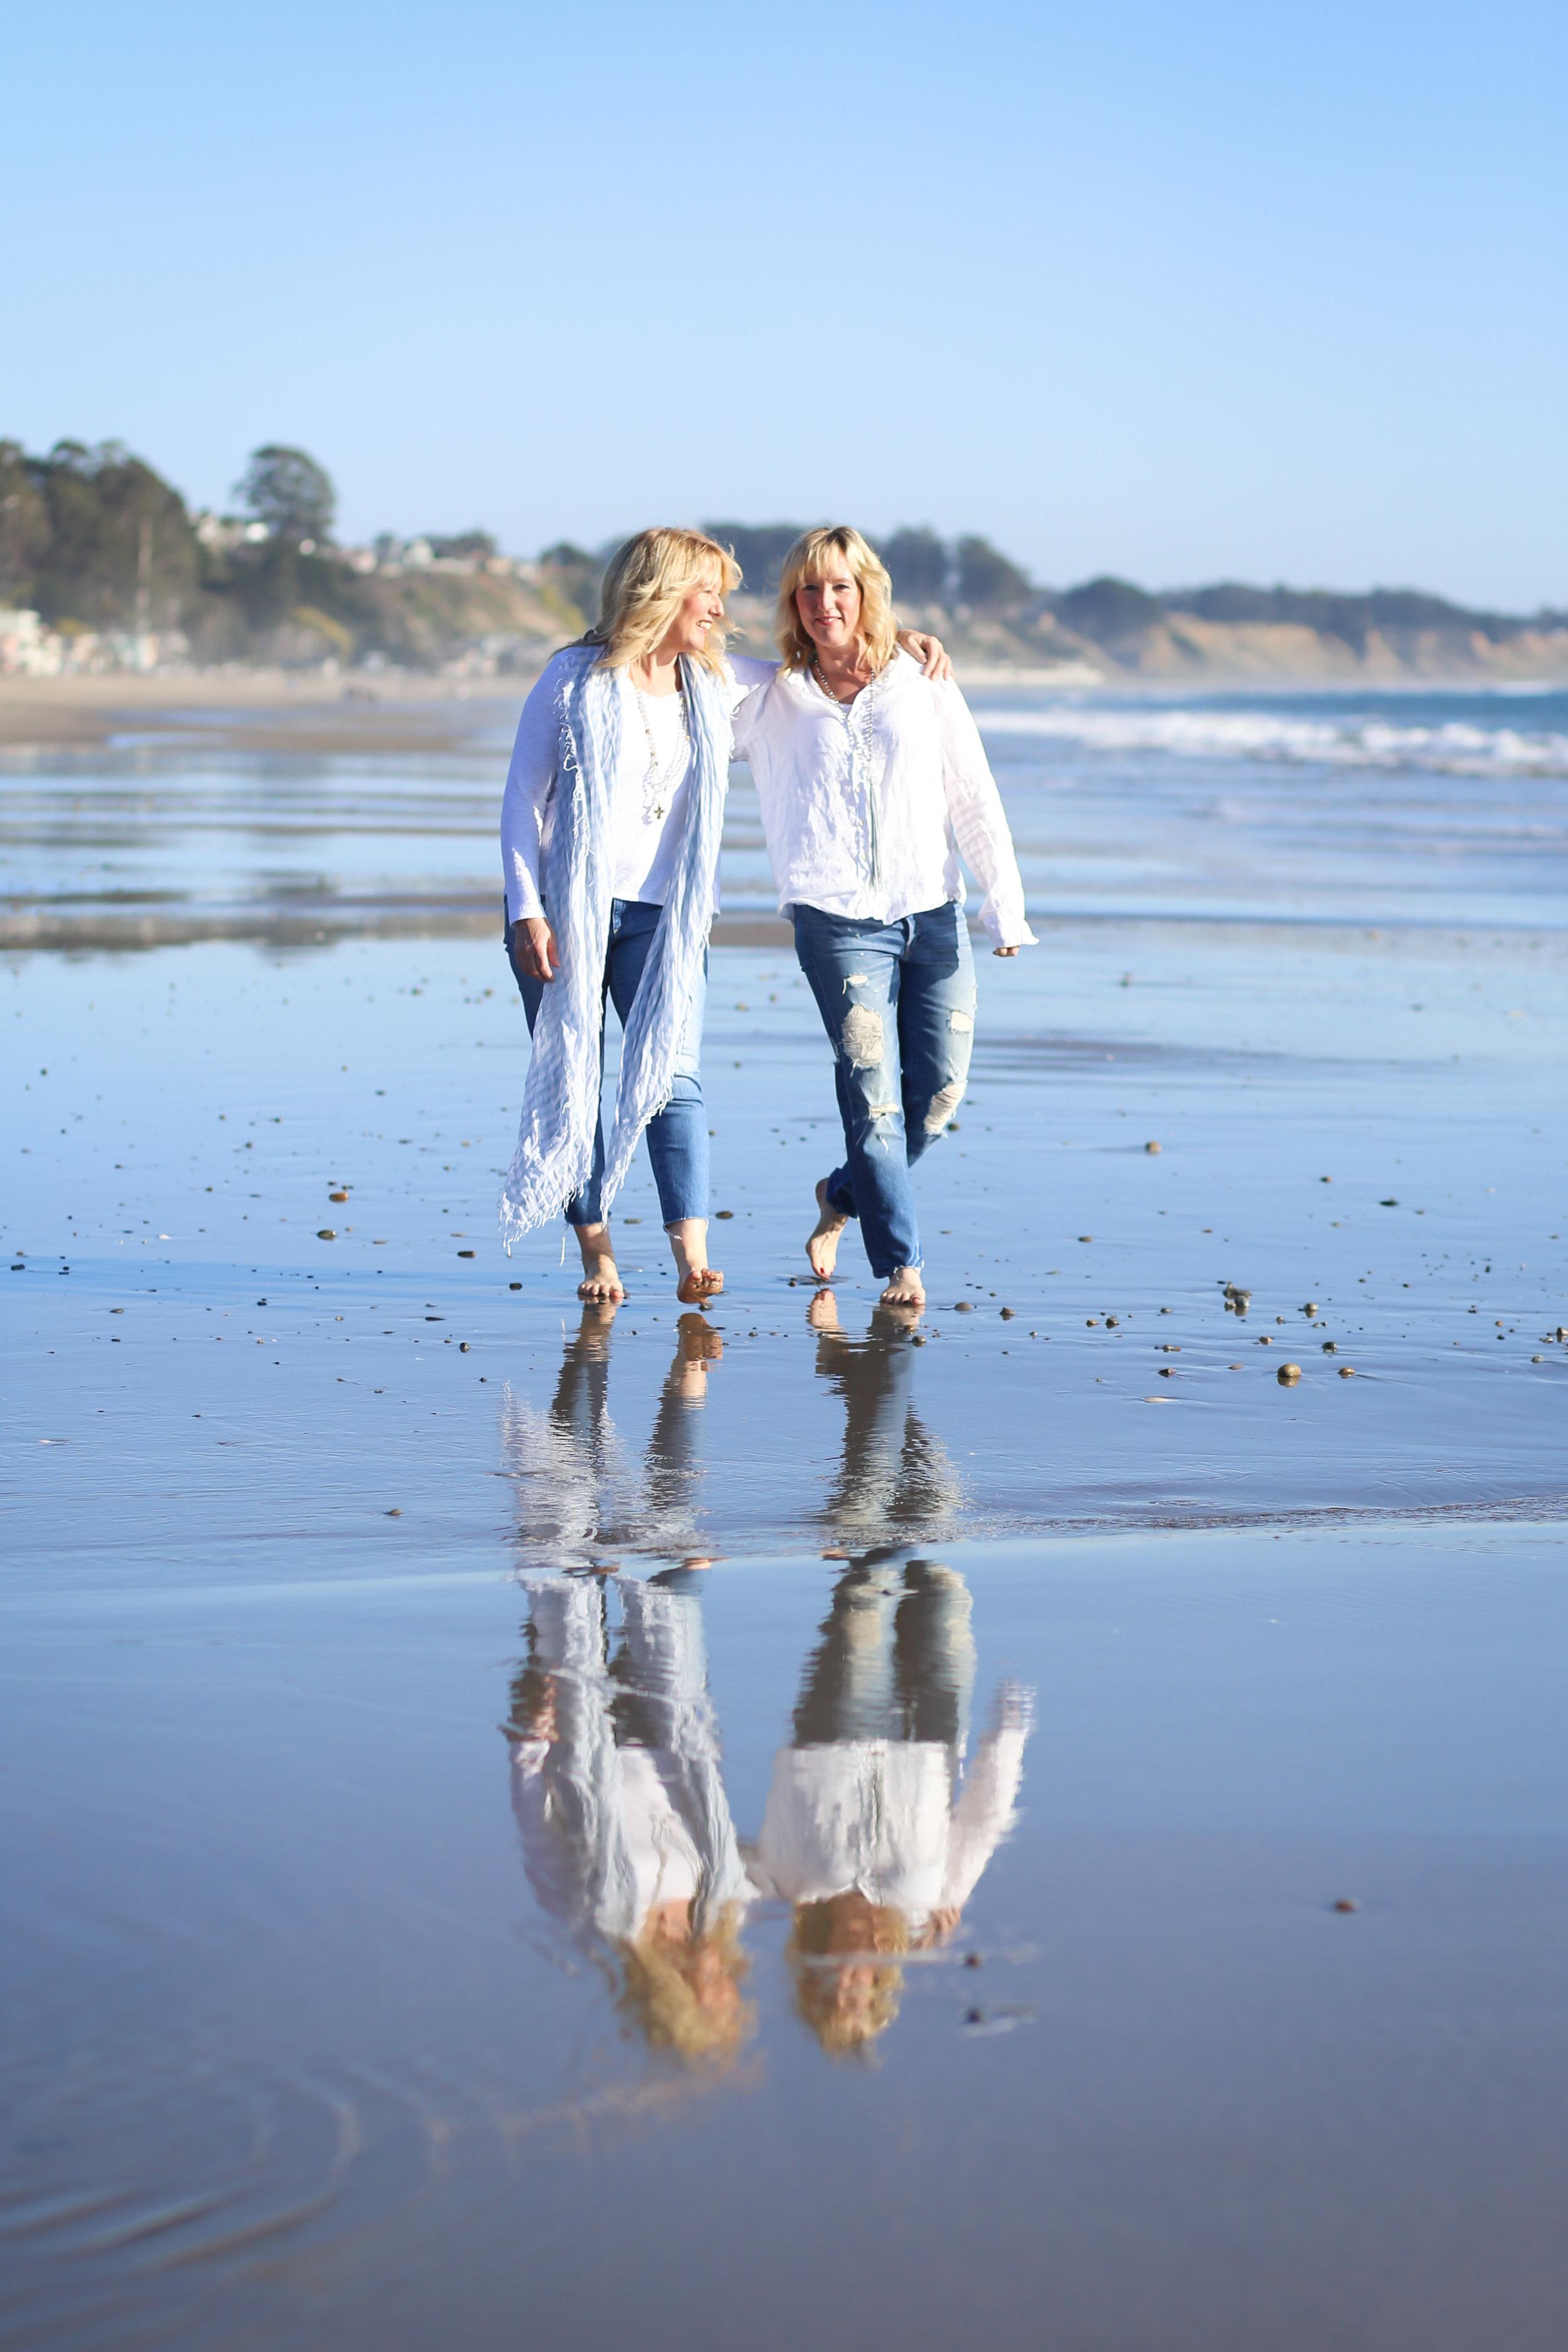 Twins walking on beach